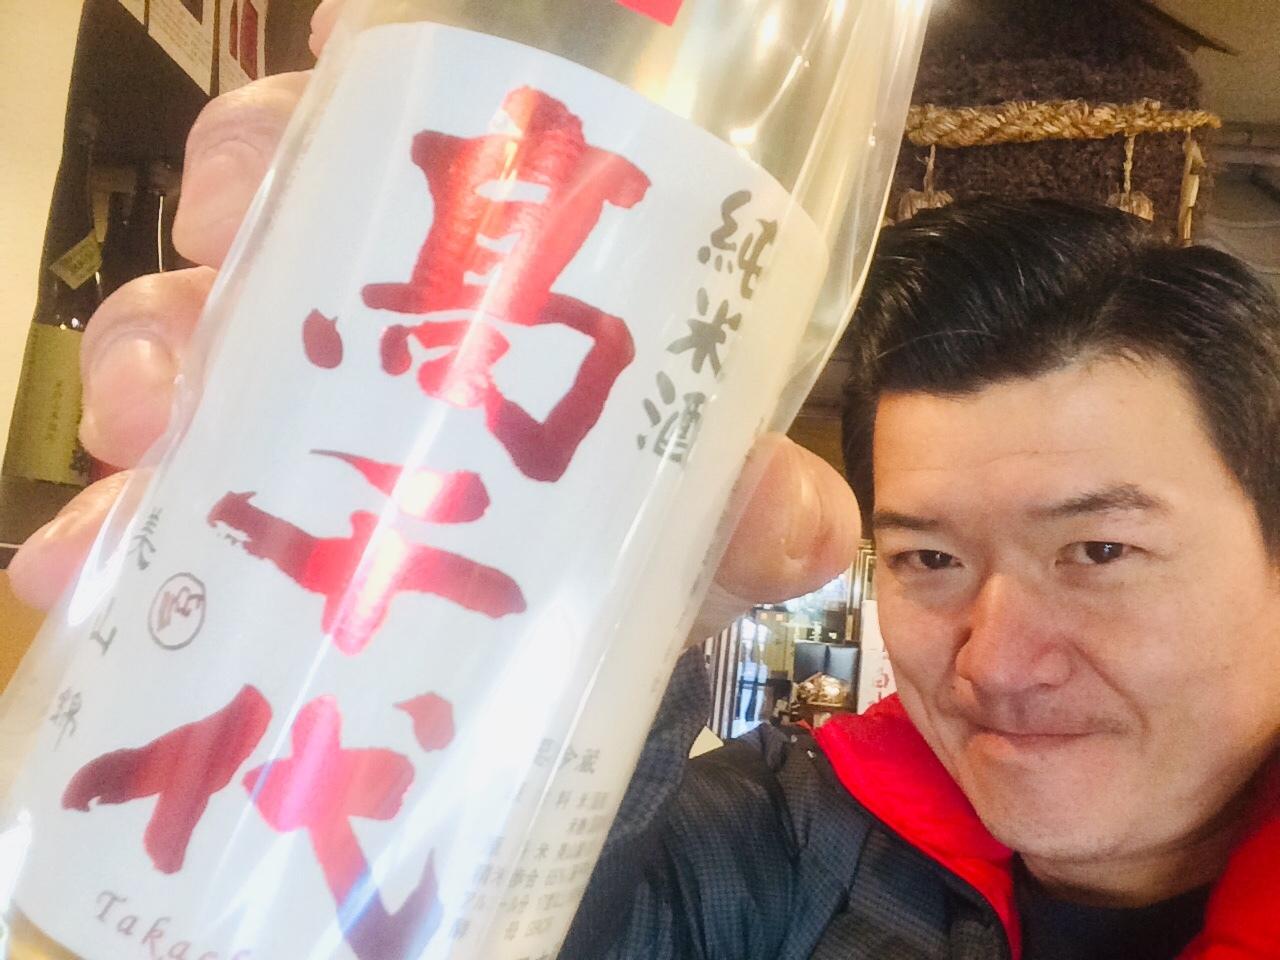 ☆新酒続々なう。新潟県「髙千代」~純米+19しぼりたて無濾過生原酒~☆_c0175182_12114553.jpg